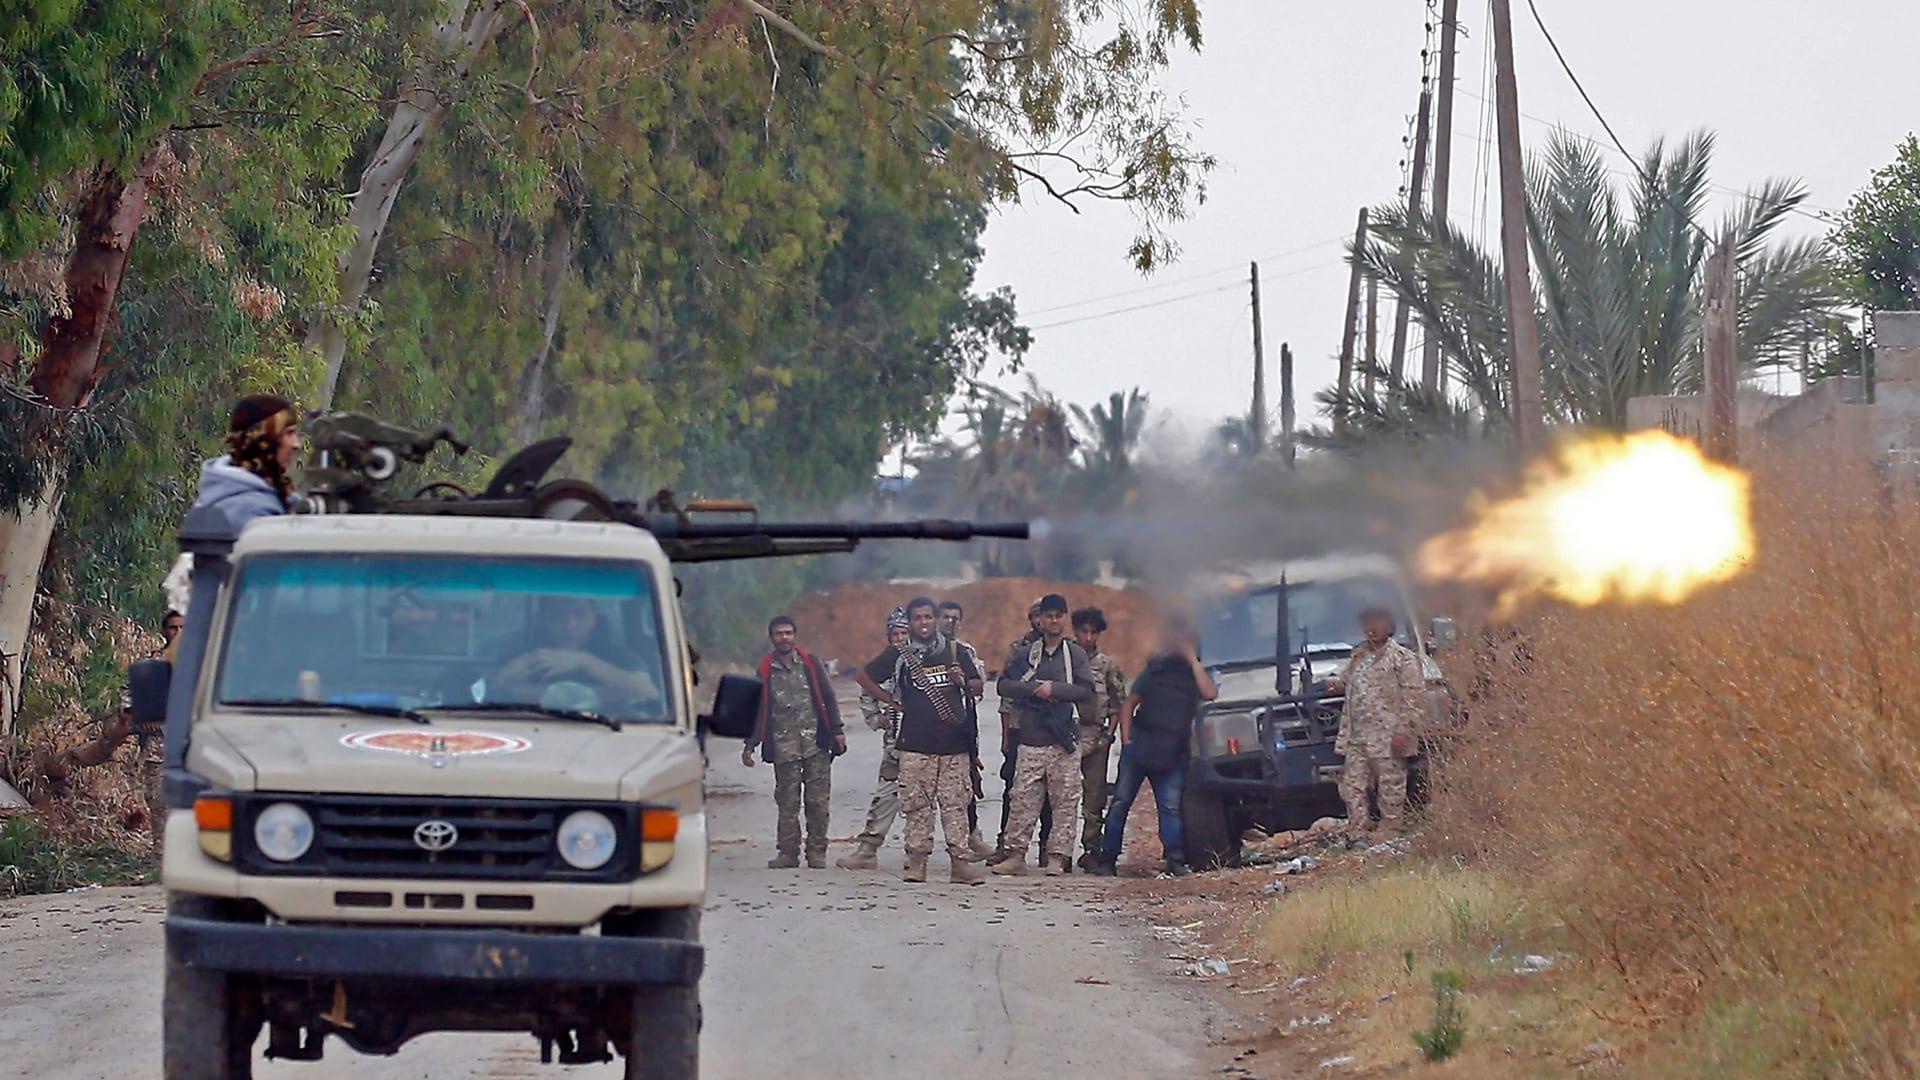 ليبيا: اشتباكات بالأسلحة الثقيلة قرب طرابلس.. وقرار بحل مجموعتين مسلجتين